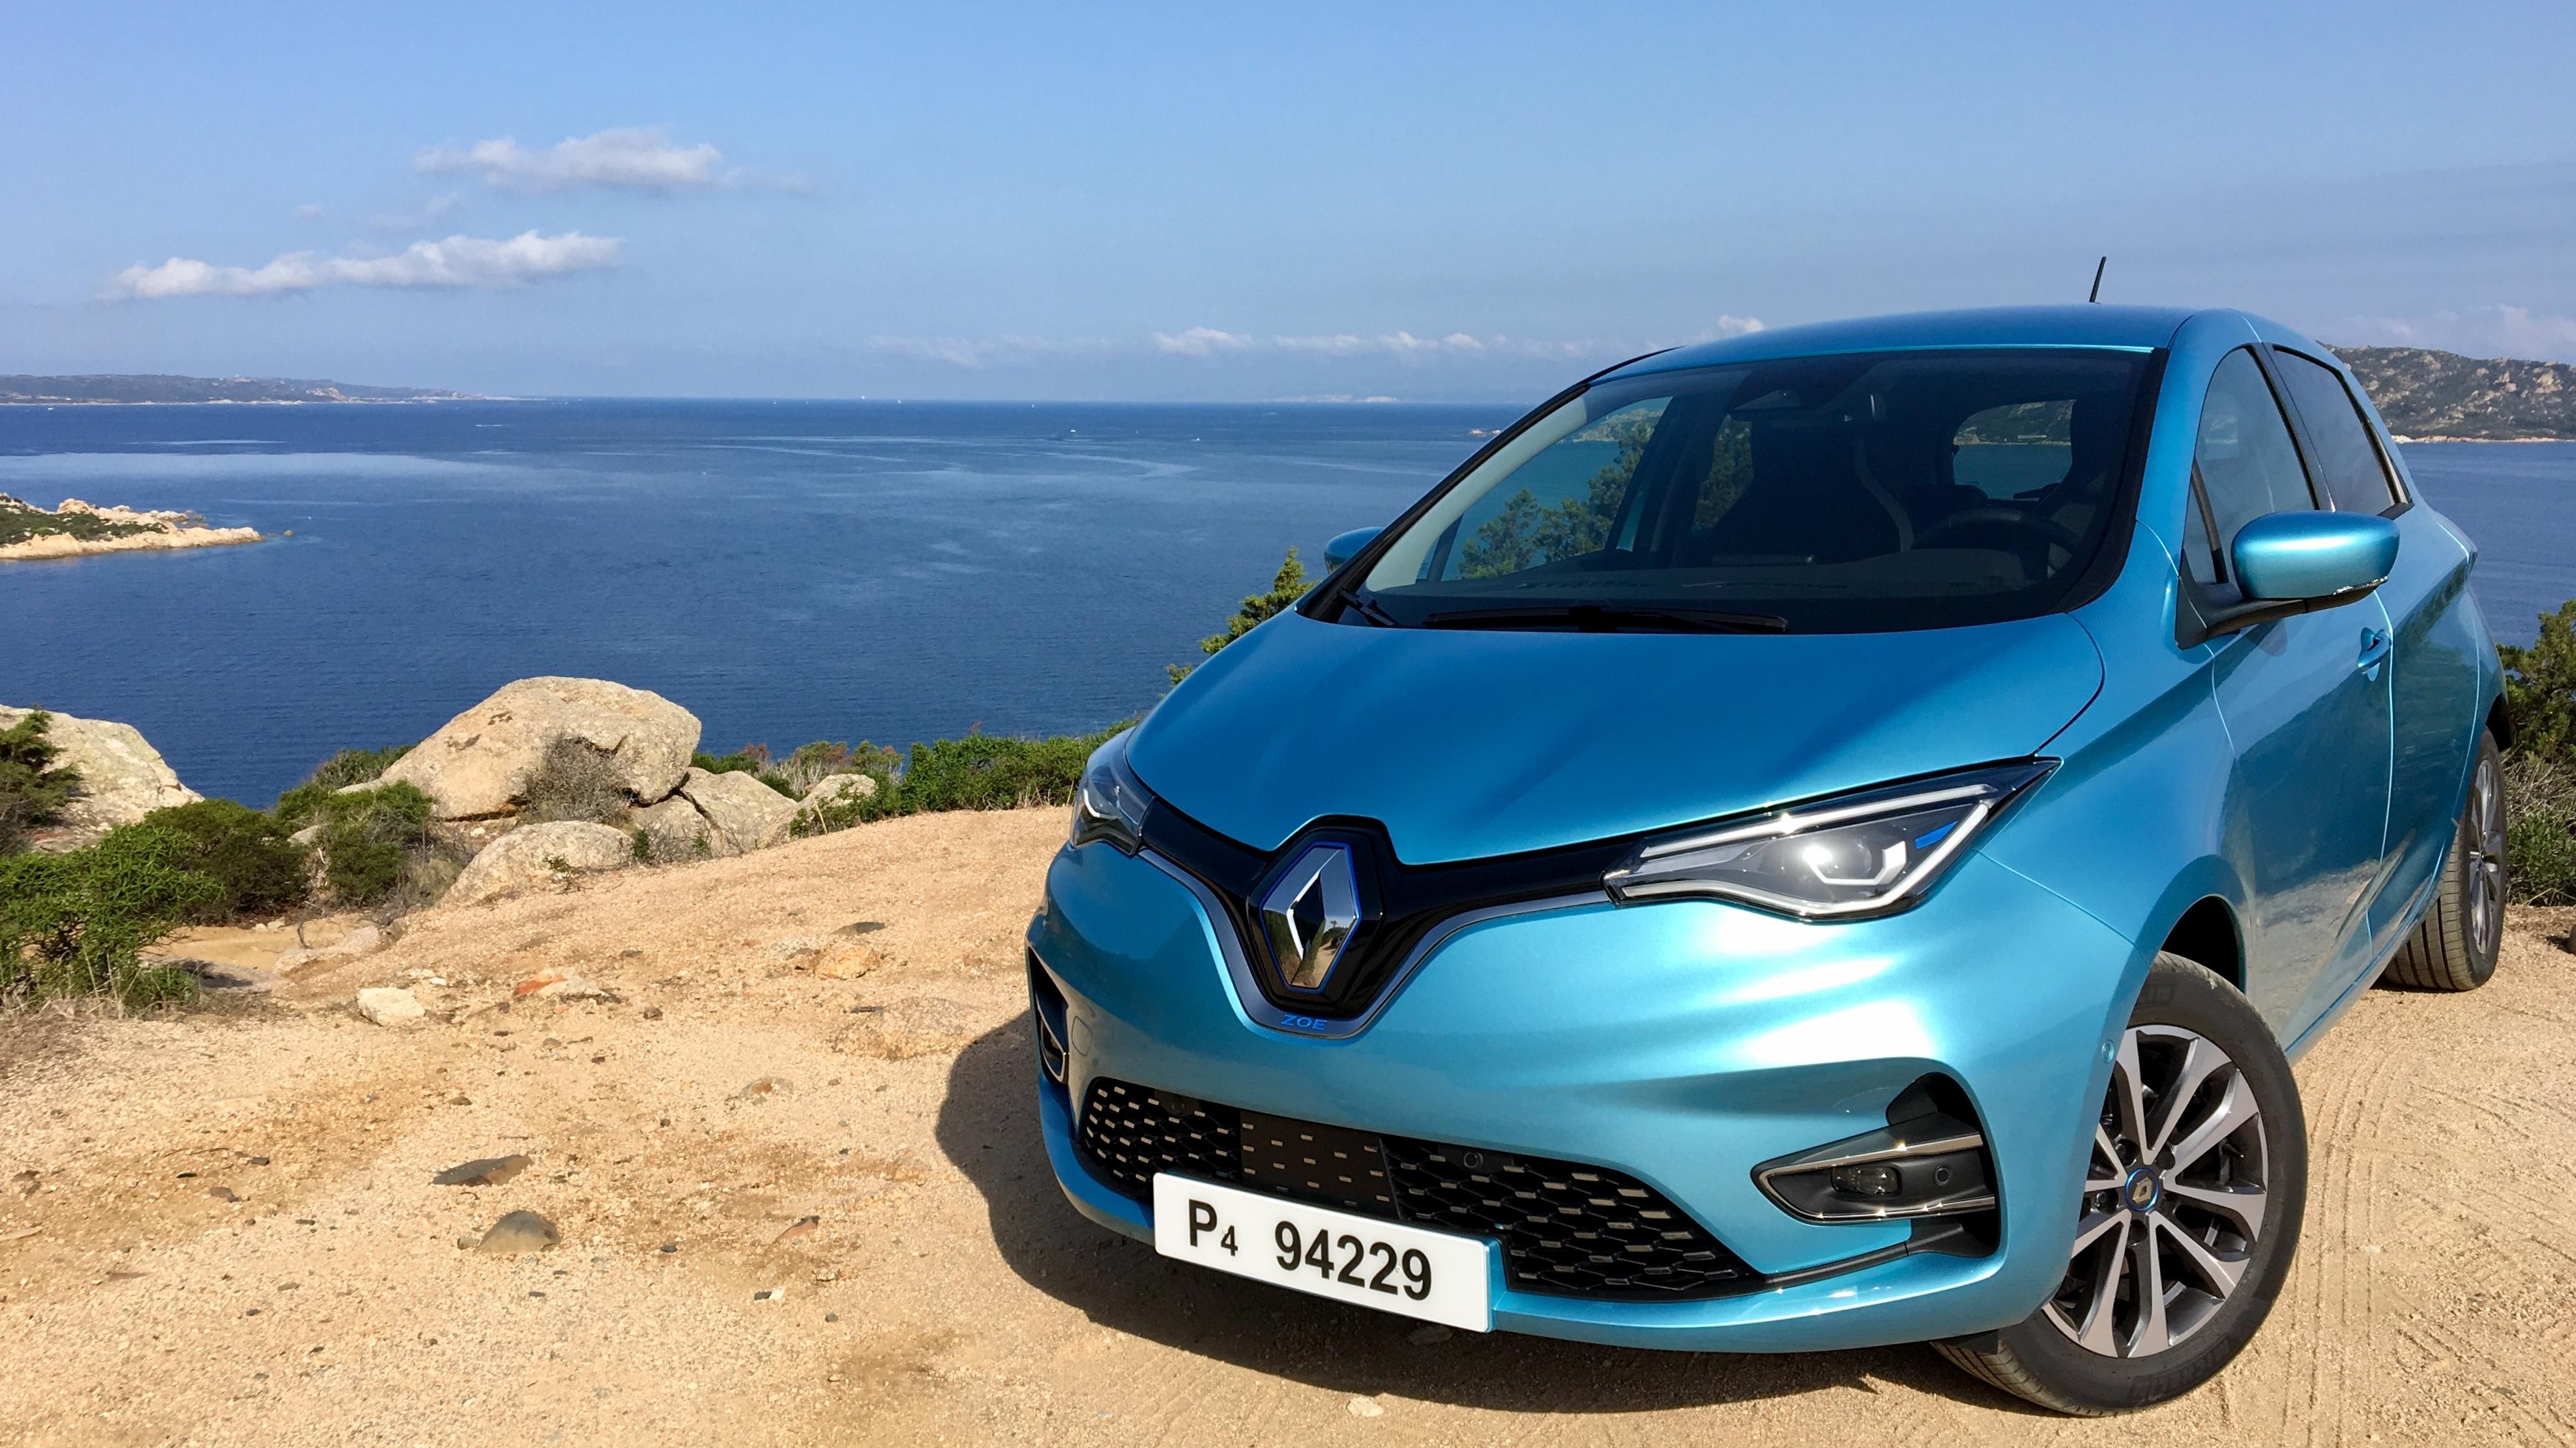 2019 - [Renault] ZOE 2 - Page 19 S0-essai-video-renault-zoe-ze50-2019-pour-rester-dans-la-course-603639